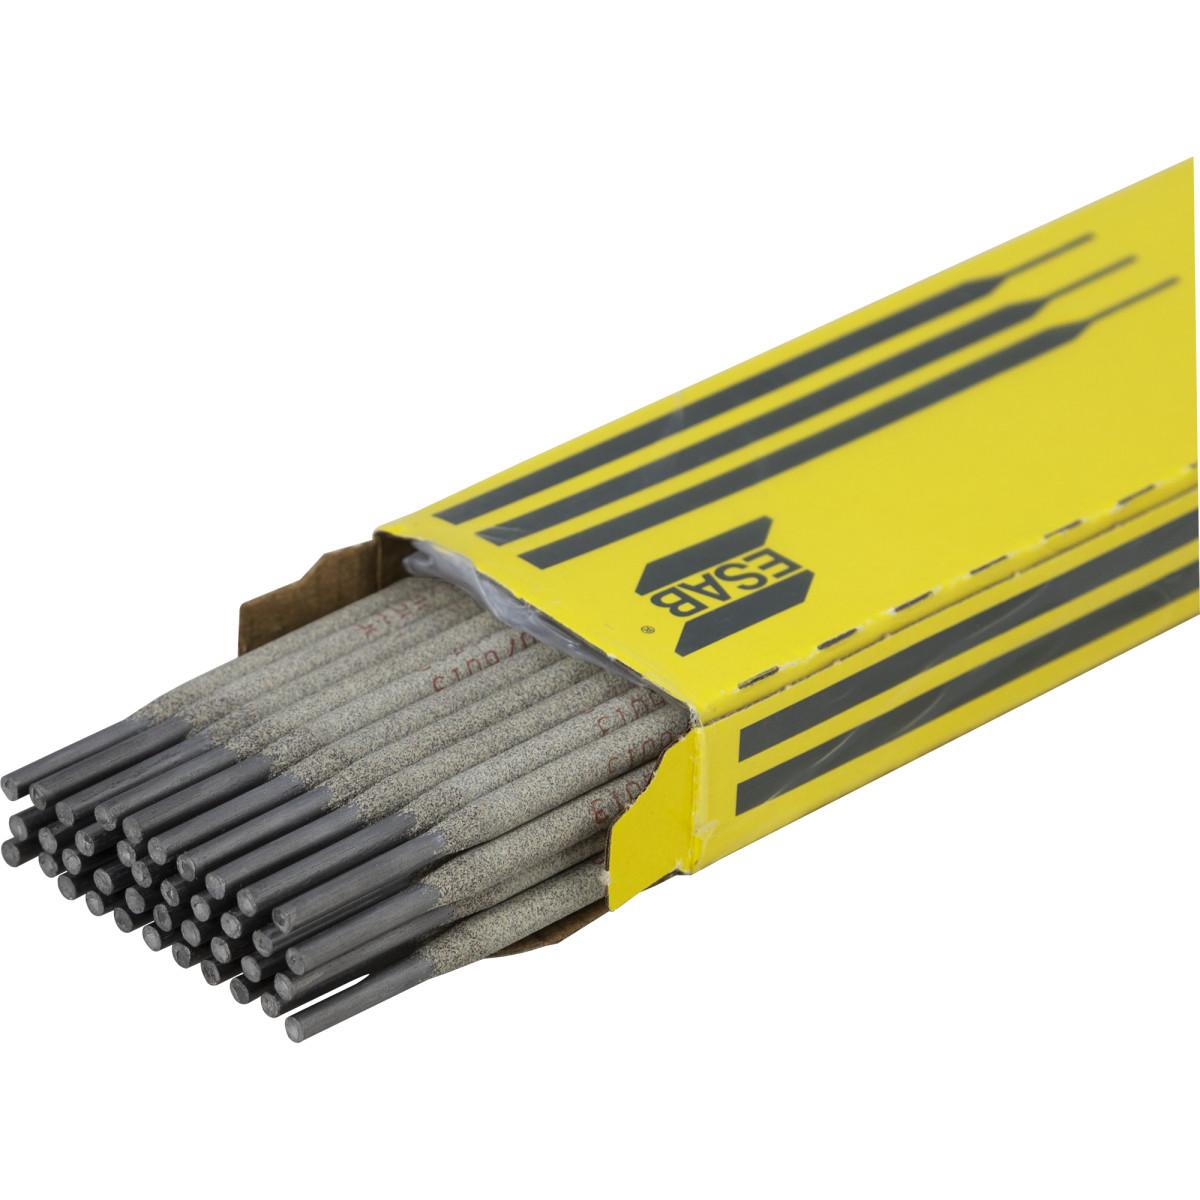 Электроды Esab Оk 46 3х350 мм 1 кг